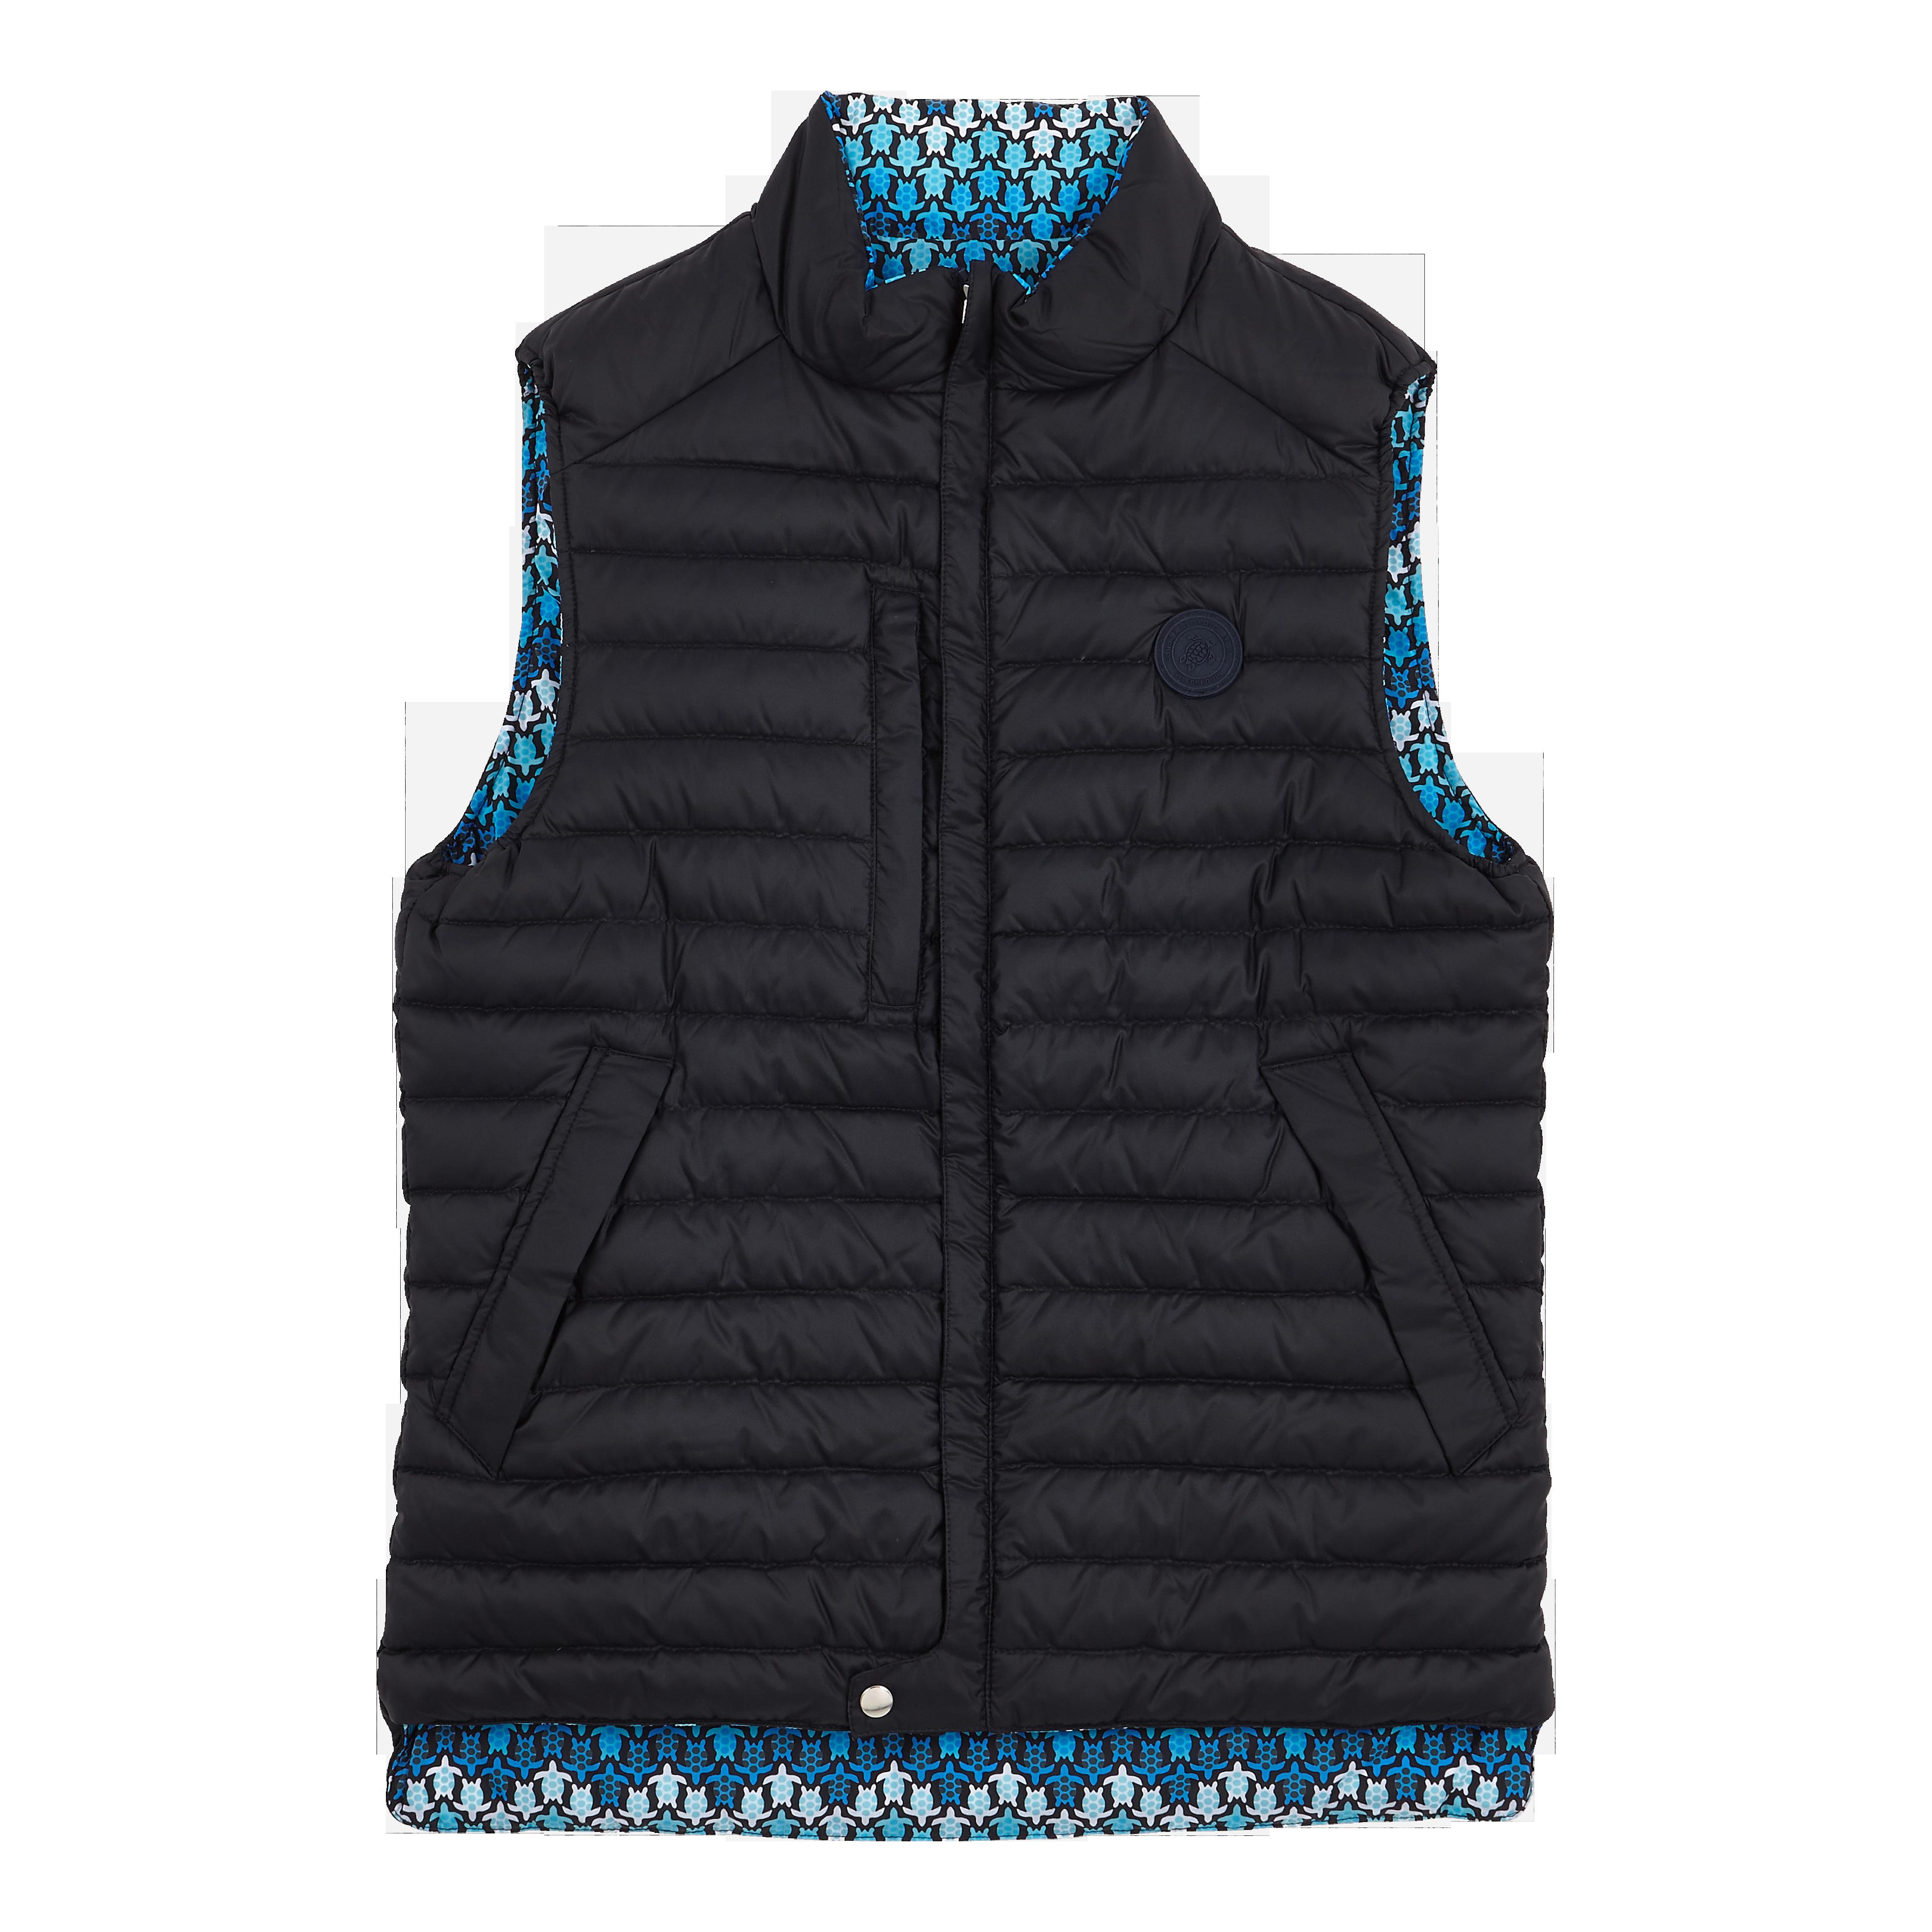 Vilebrequin Unisex Sleeveless Down Jacket Herringbones Turtles In Blue